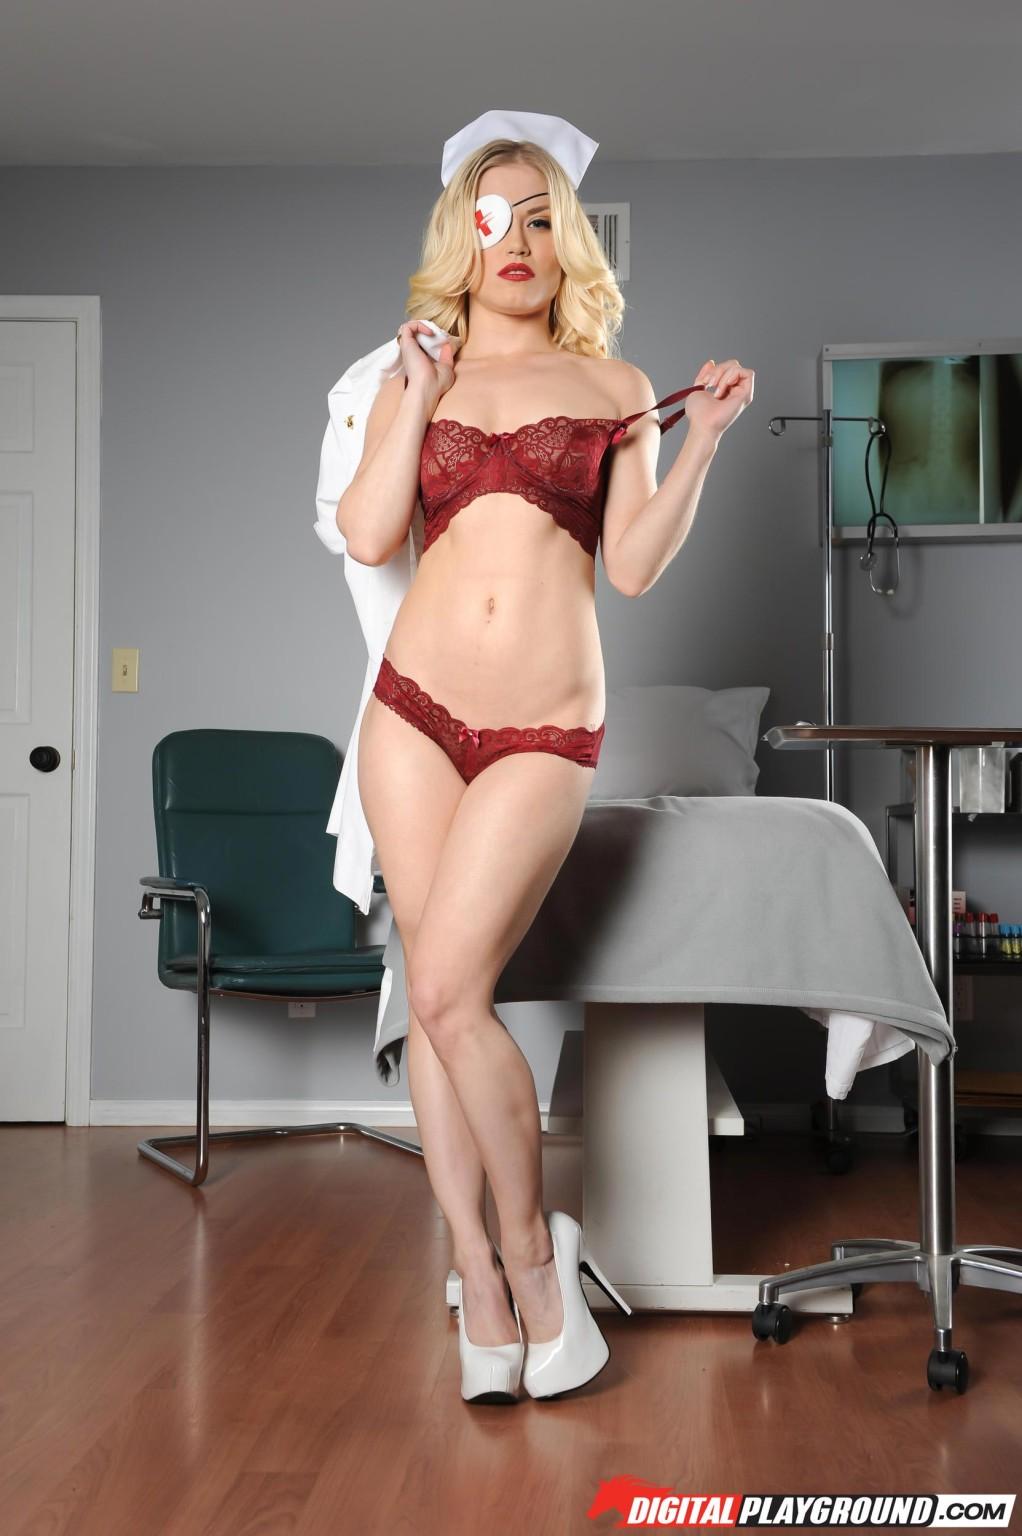 Сексуальная медсестра с торчащими сиськами красиво позирует в своем кабине, поджидая очередного пациента